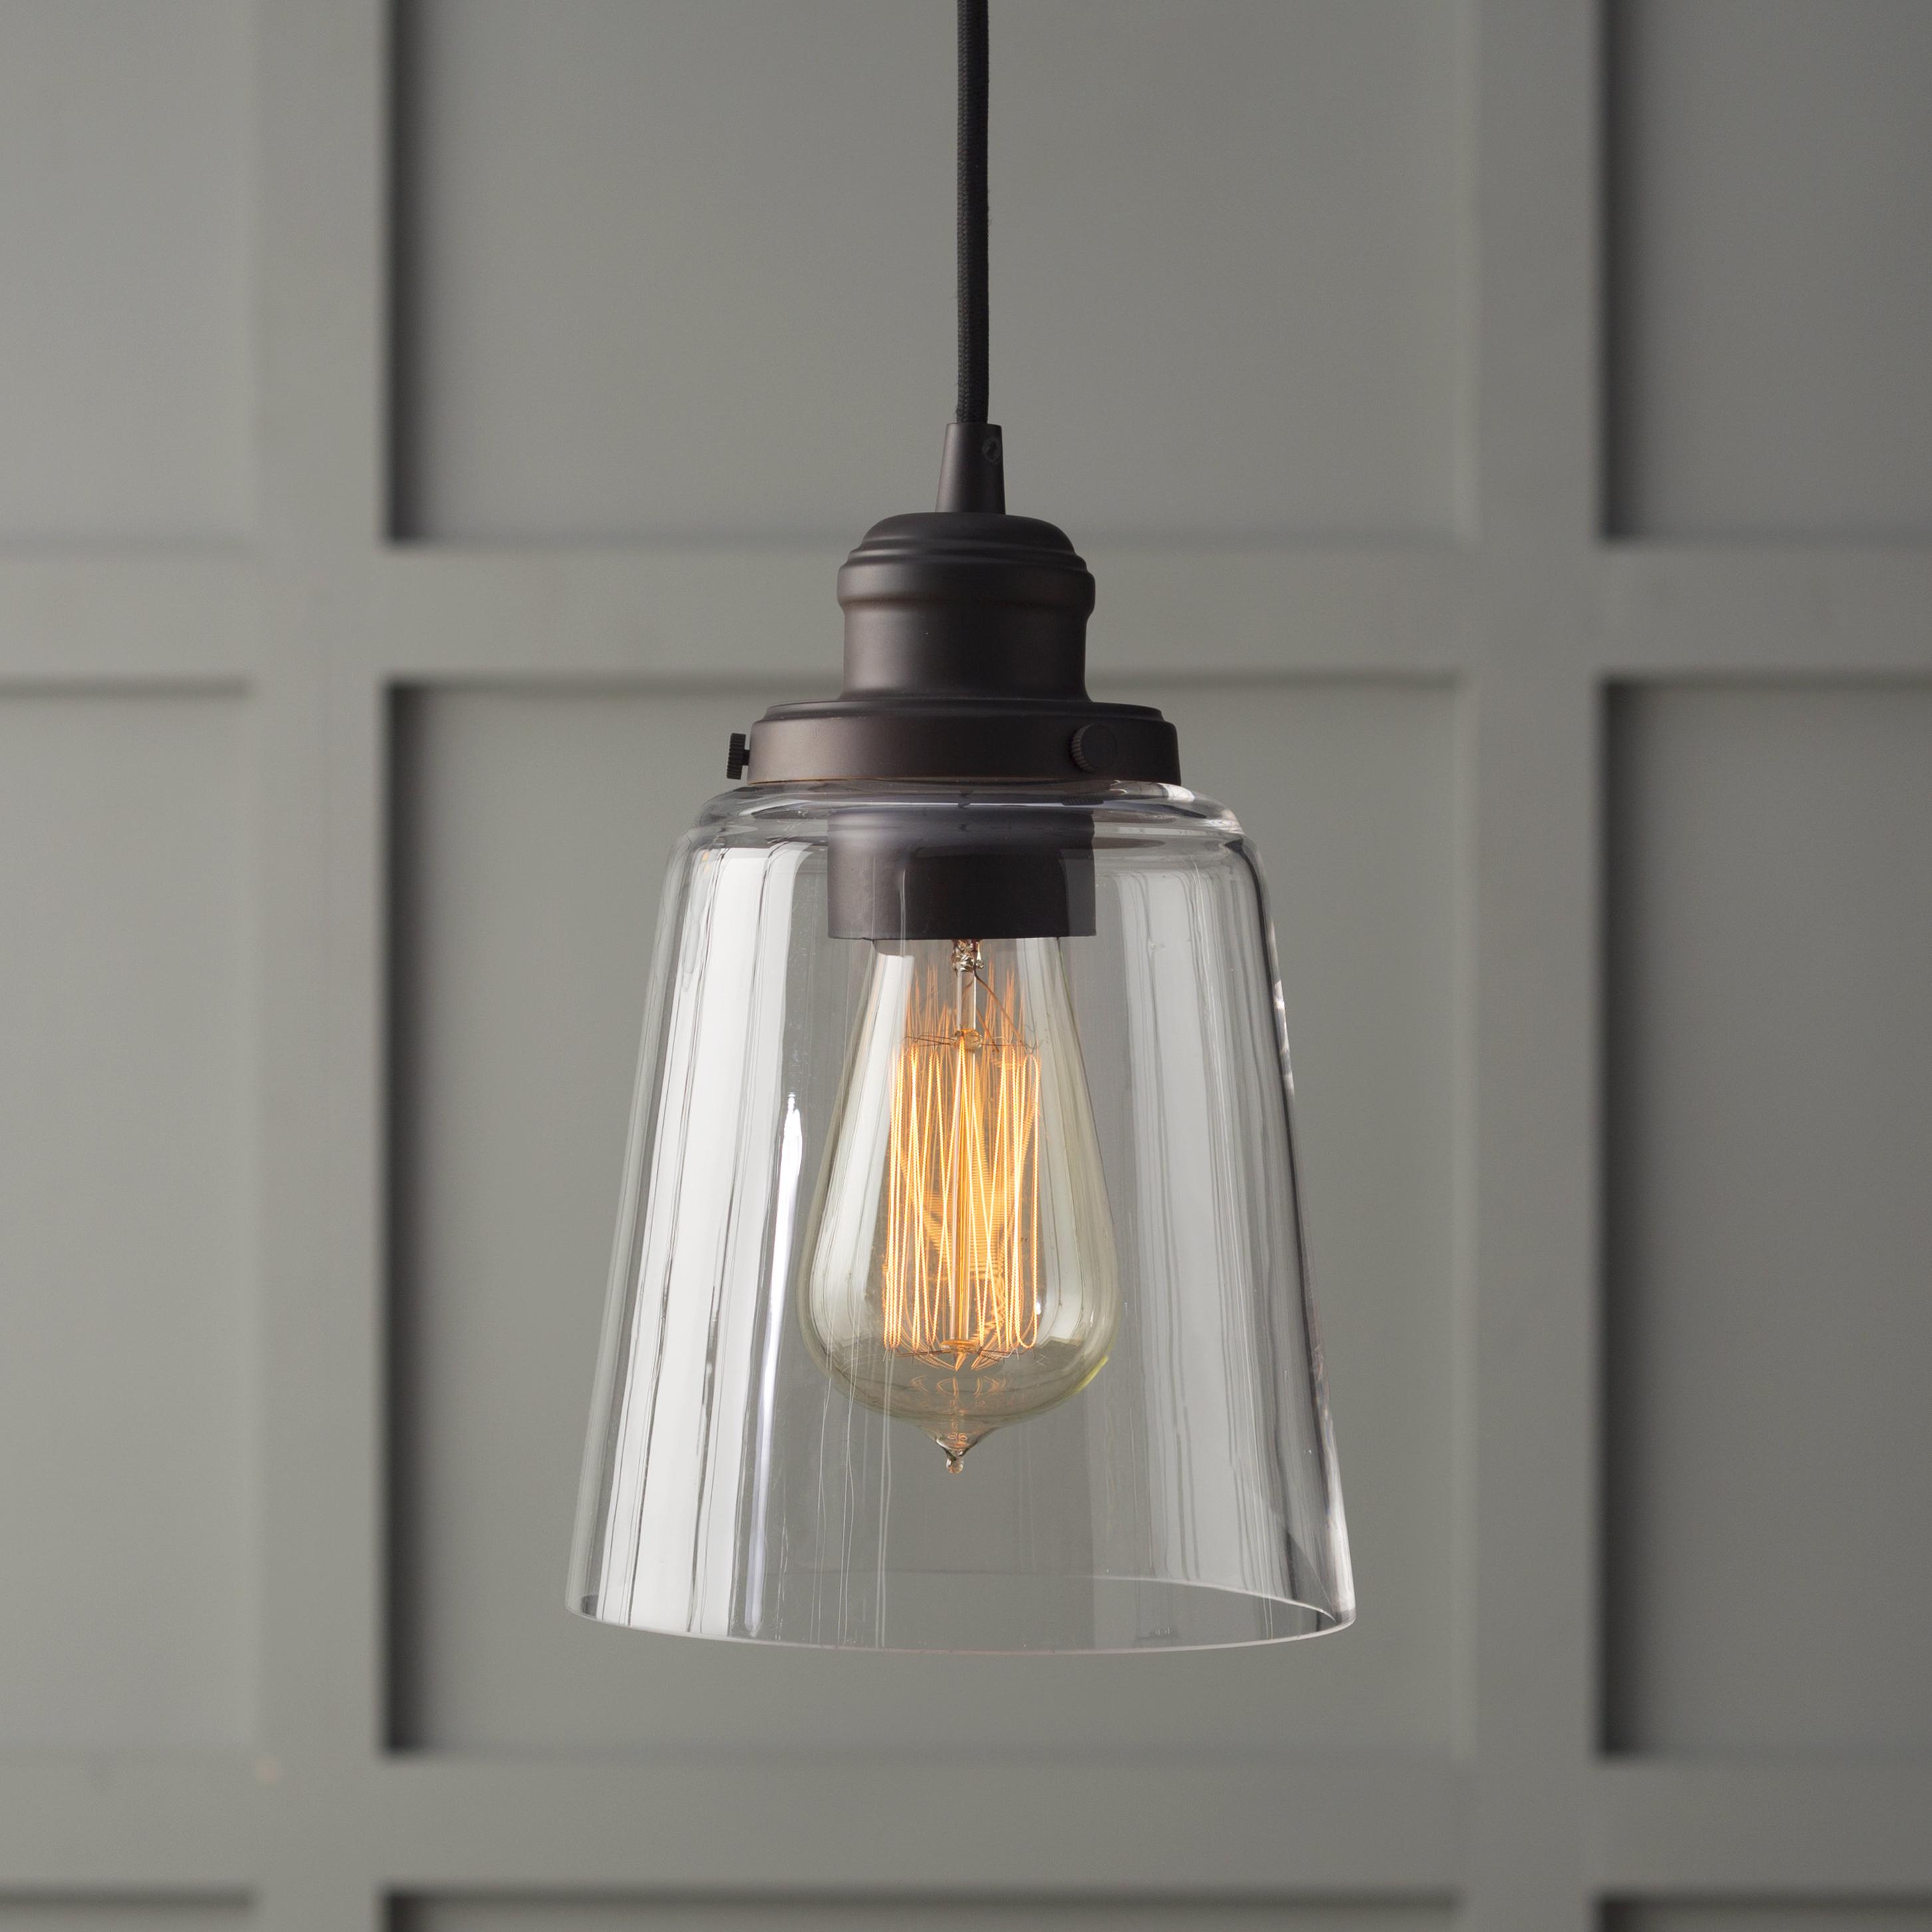 1 Light Single Bell Pendants Intended For Most Recent 1 Light Single Bell Pendant (Gallery 1 of 25)